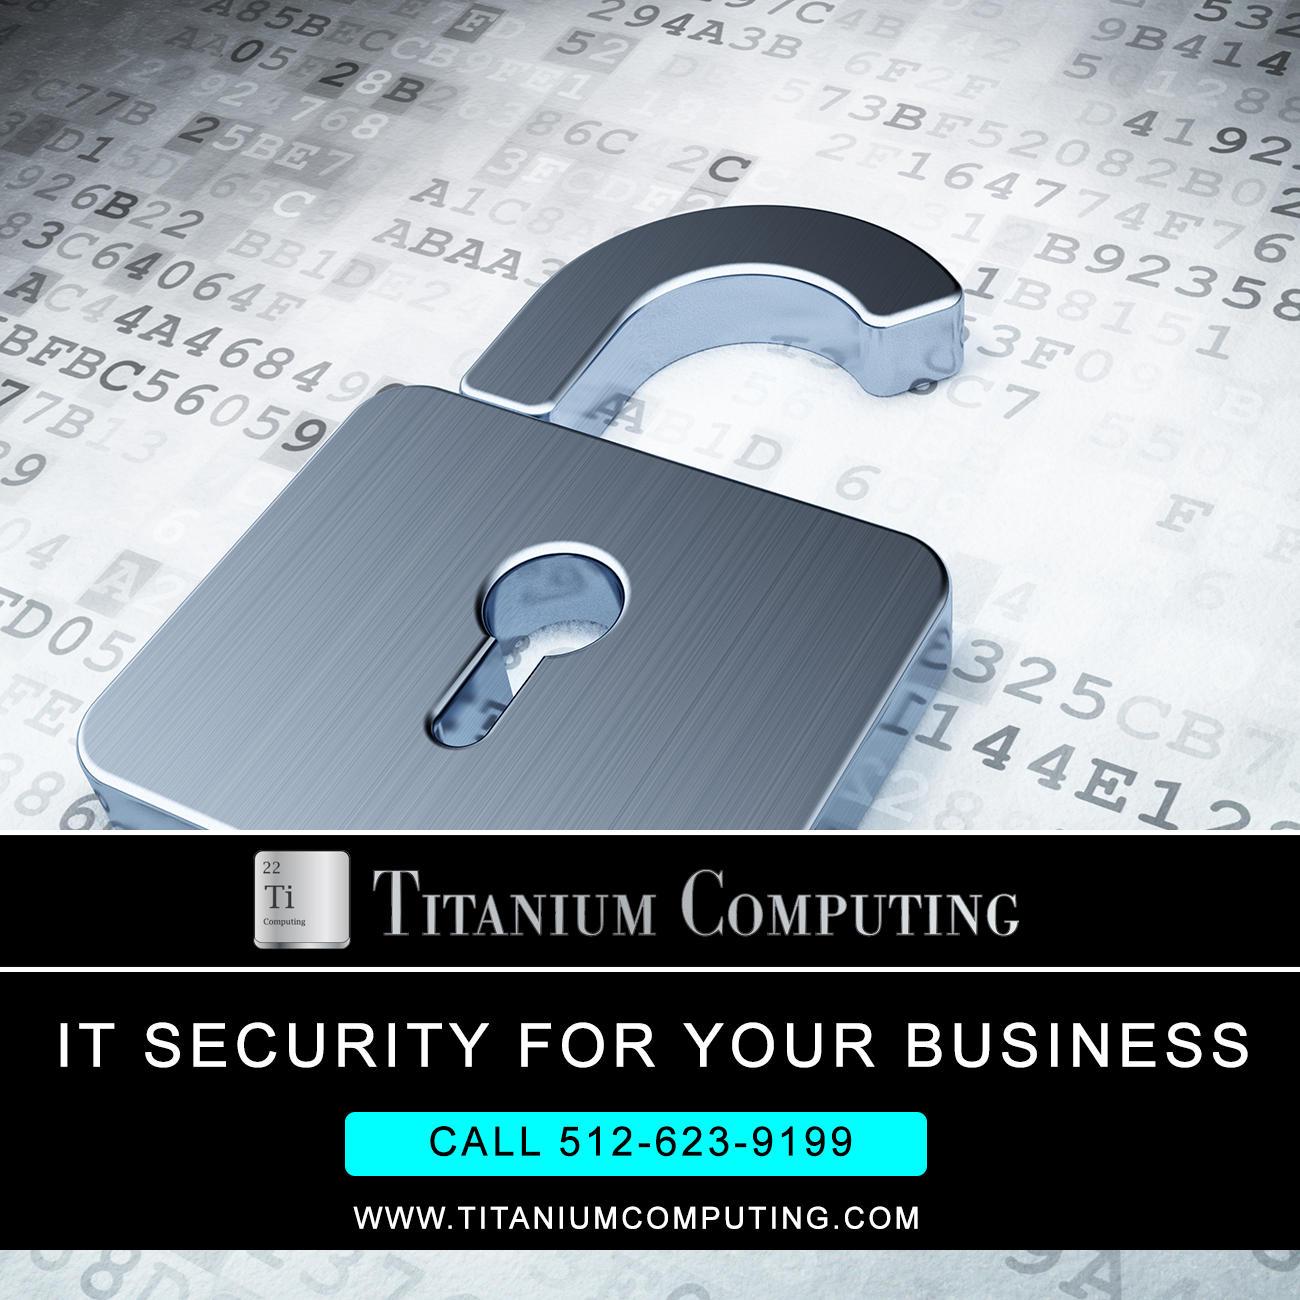 Titanium Computing